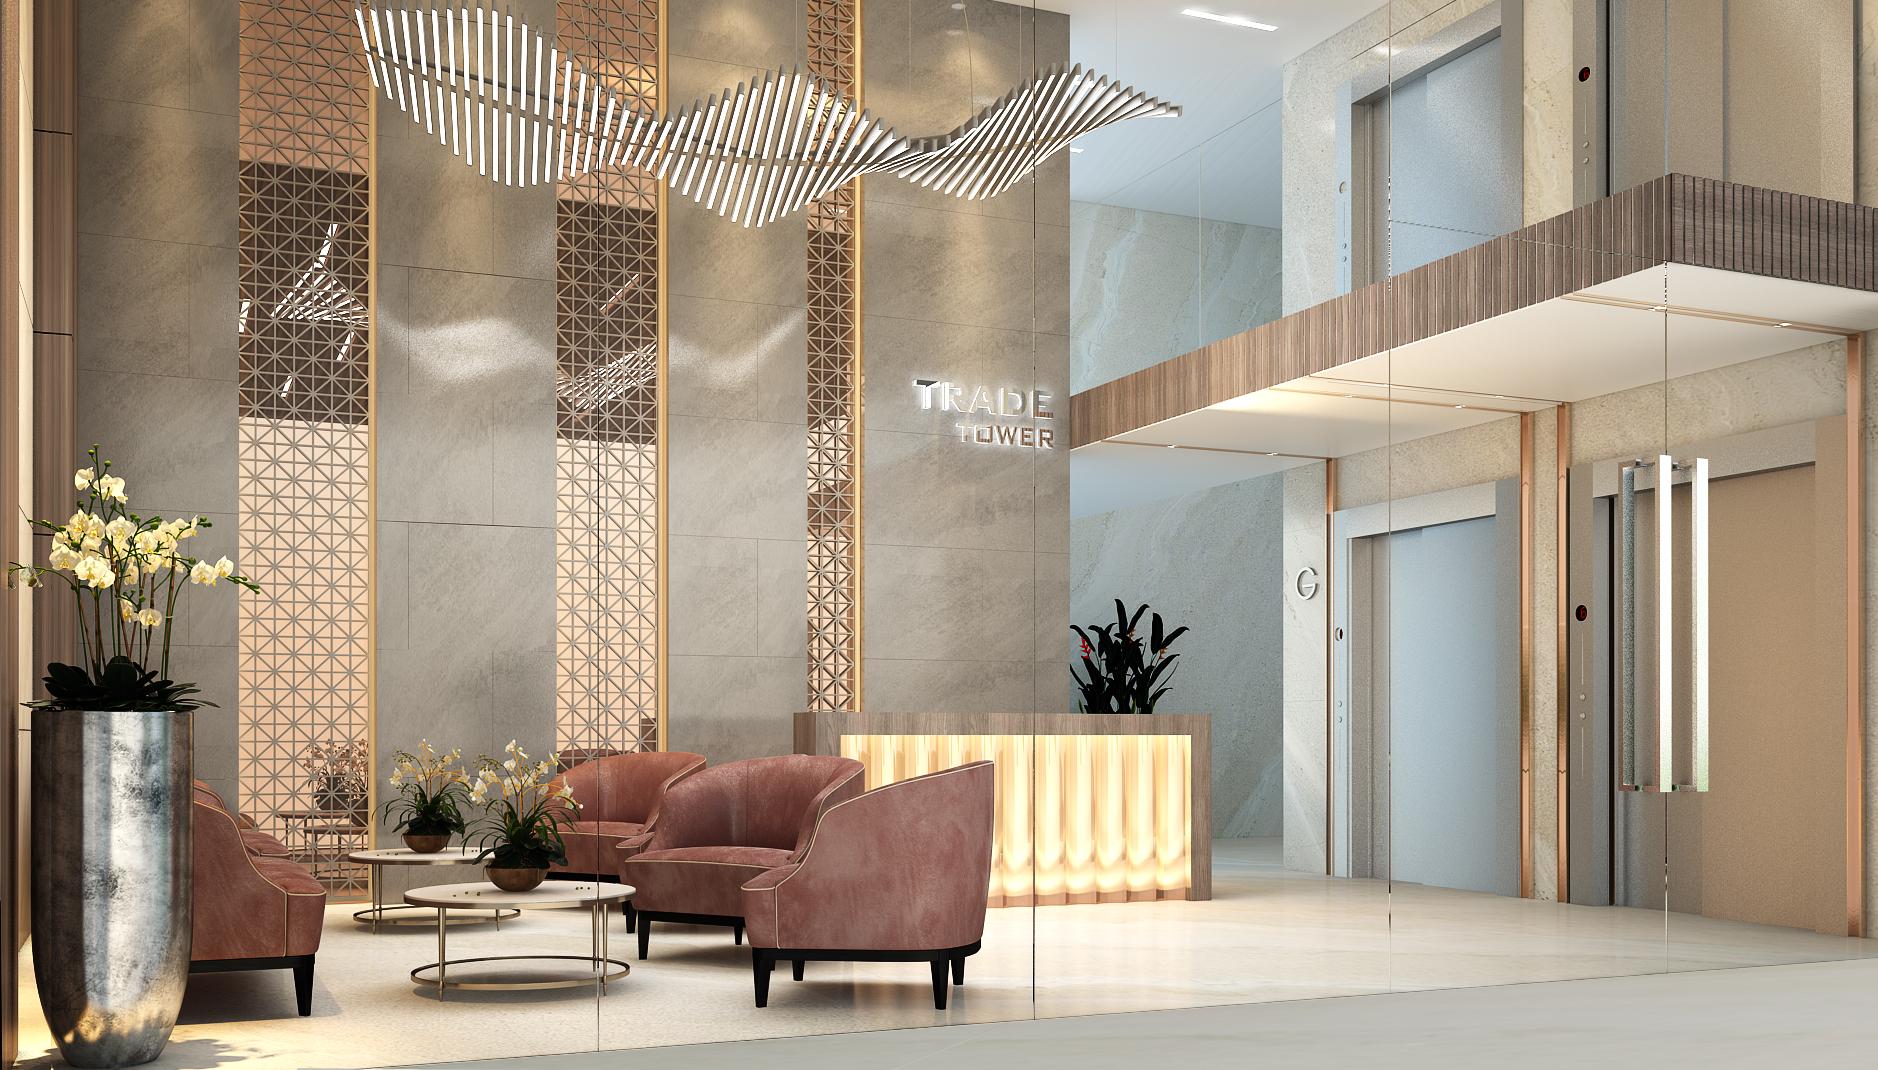 thiết kế nội thất Văn Phòng tại Hồ Chí Minh ASIA TRADE TOWER 0 1548399472